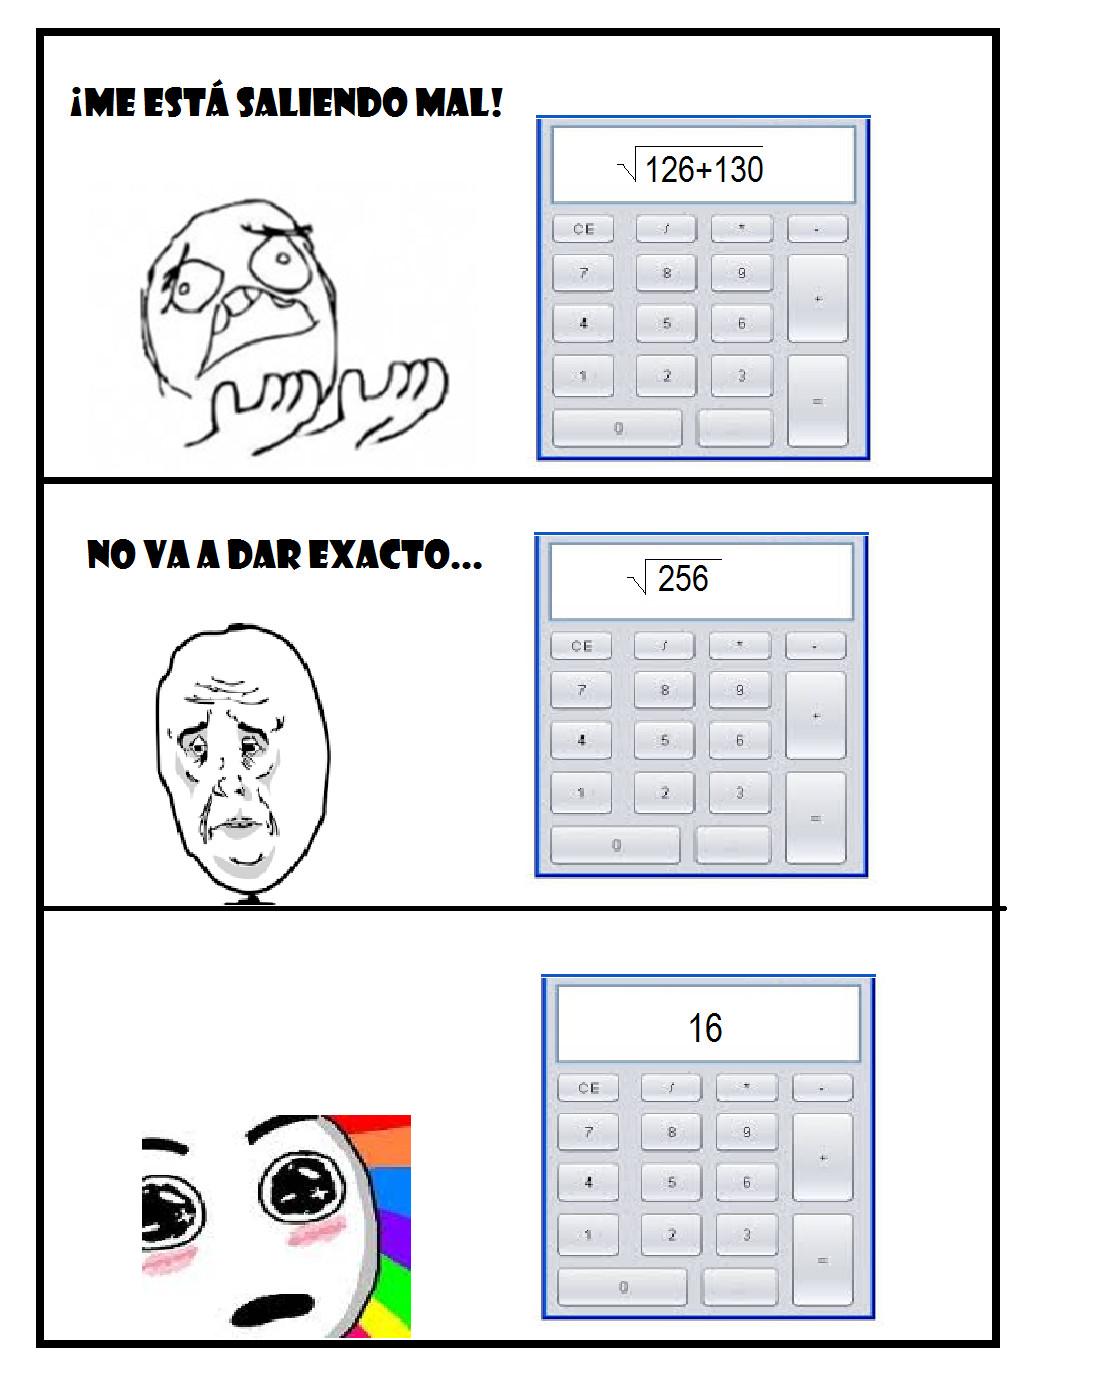 Momentos épicos de las matemáticas. - meme